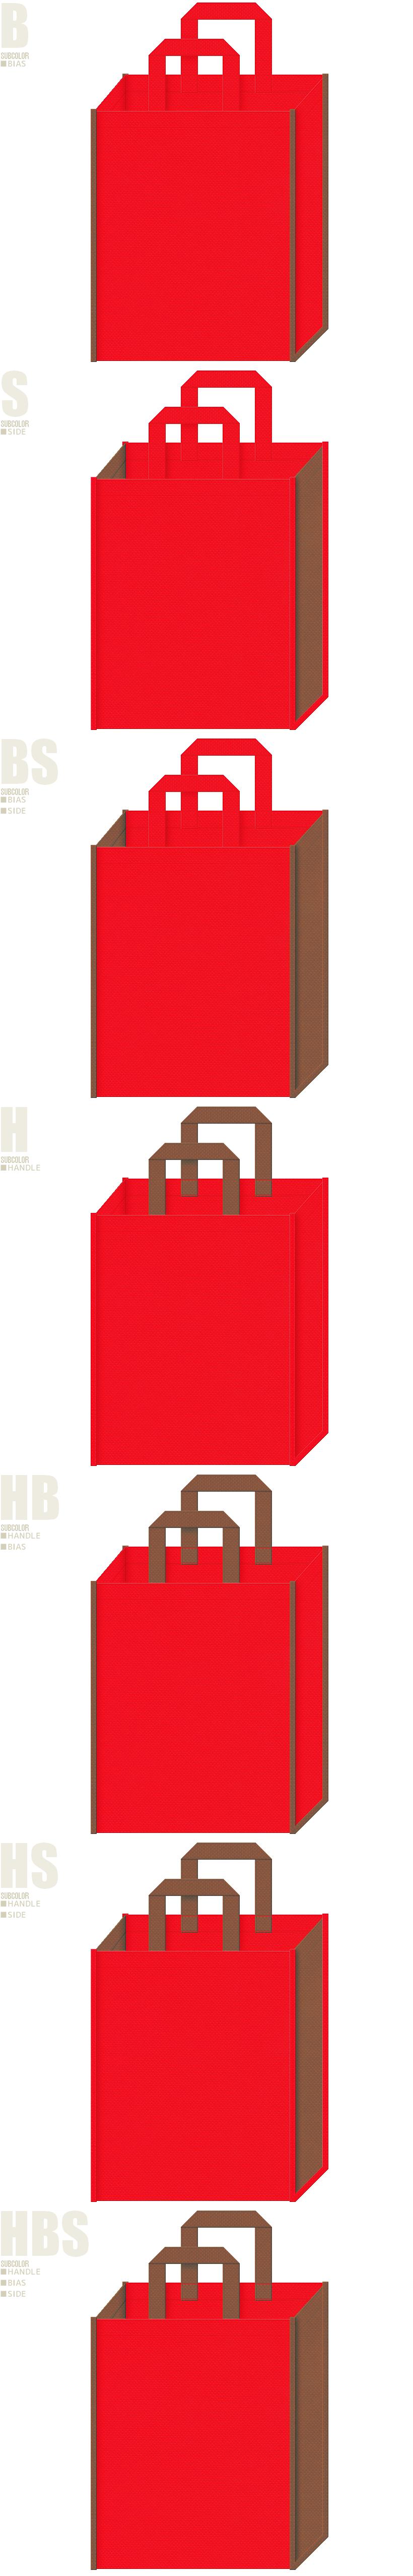 赤色と茶色、7パターンの不織布トートバッグ配色デザイン例。クリスマス向け不織布バッグにお奨めの配色です。